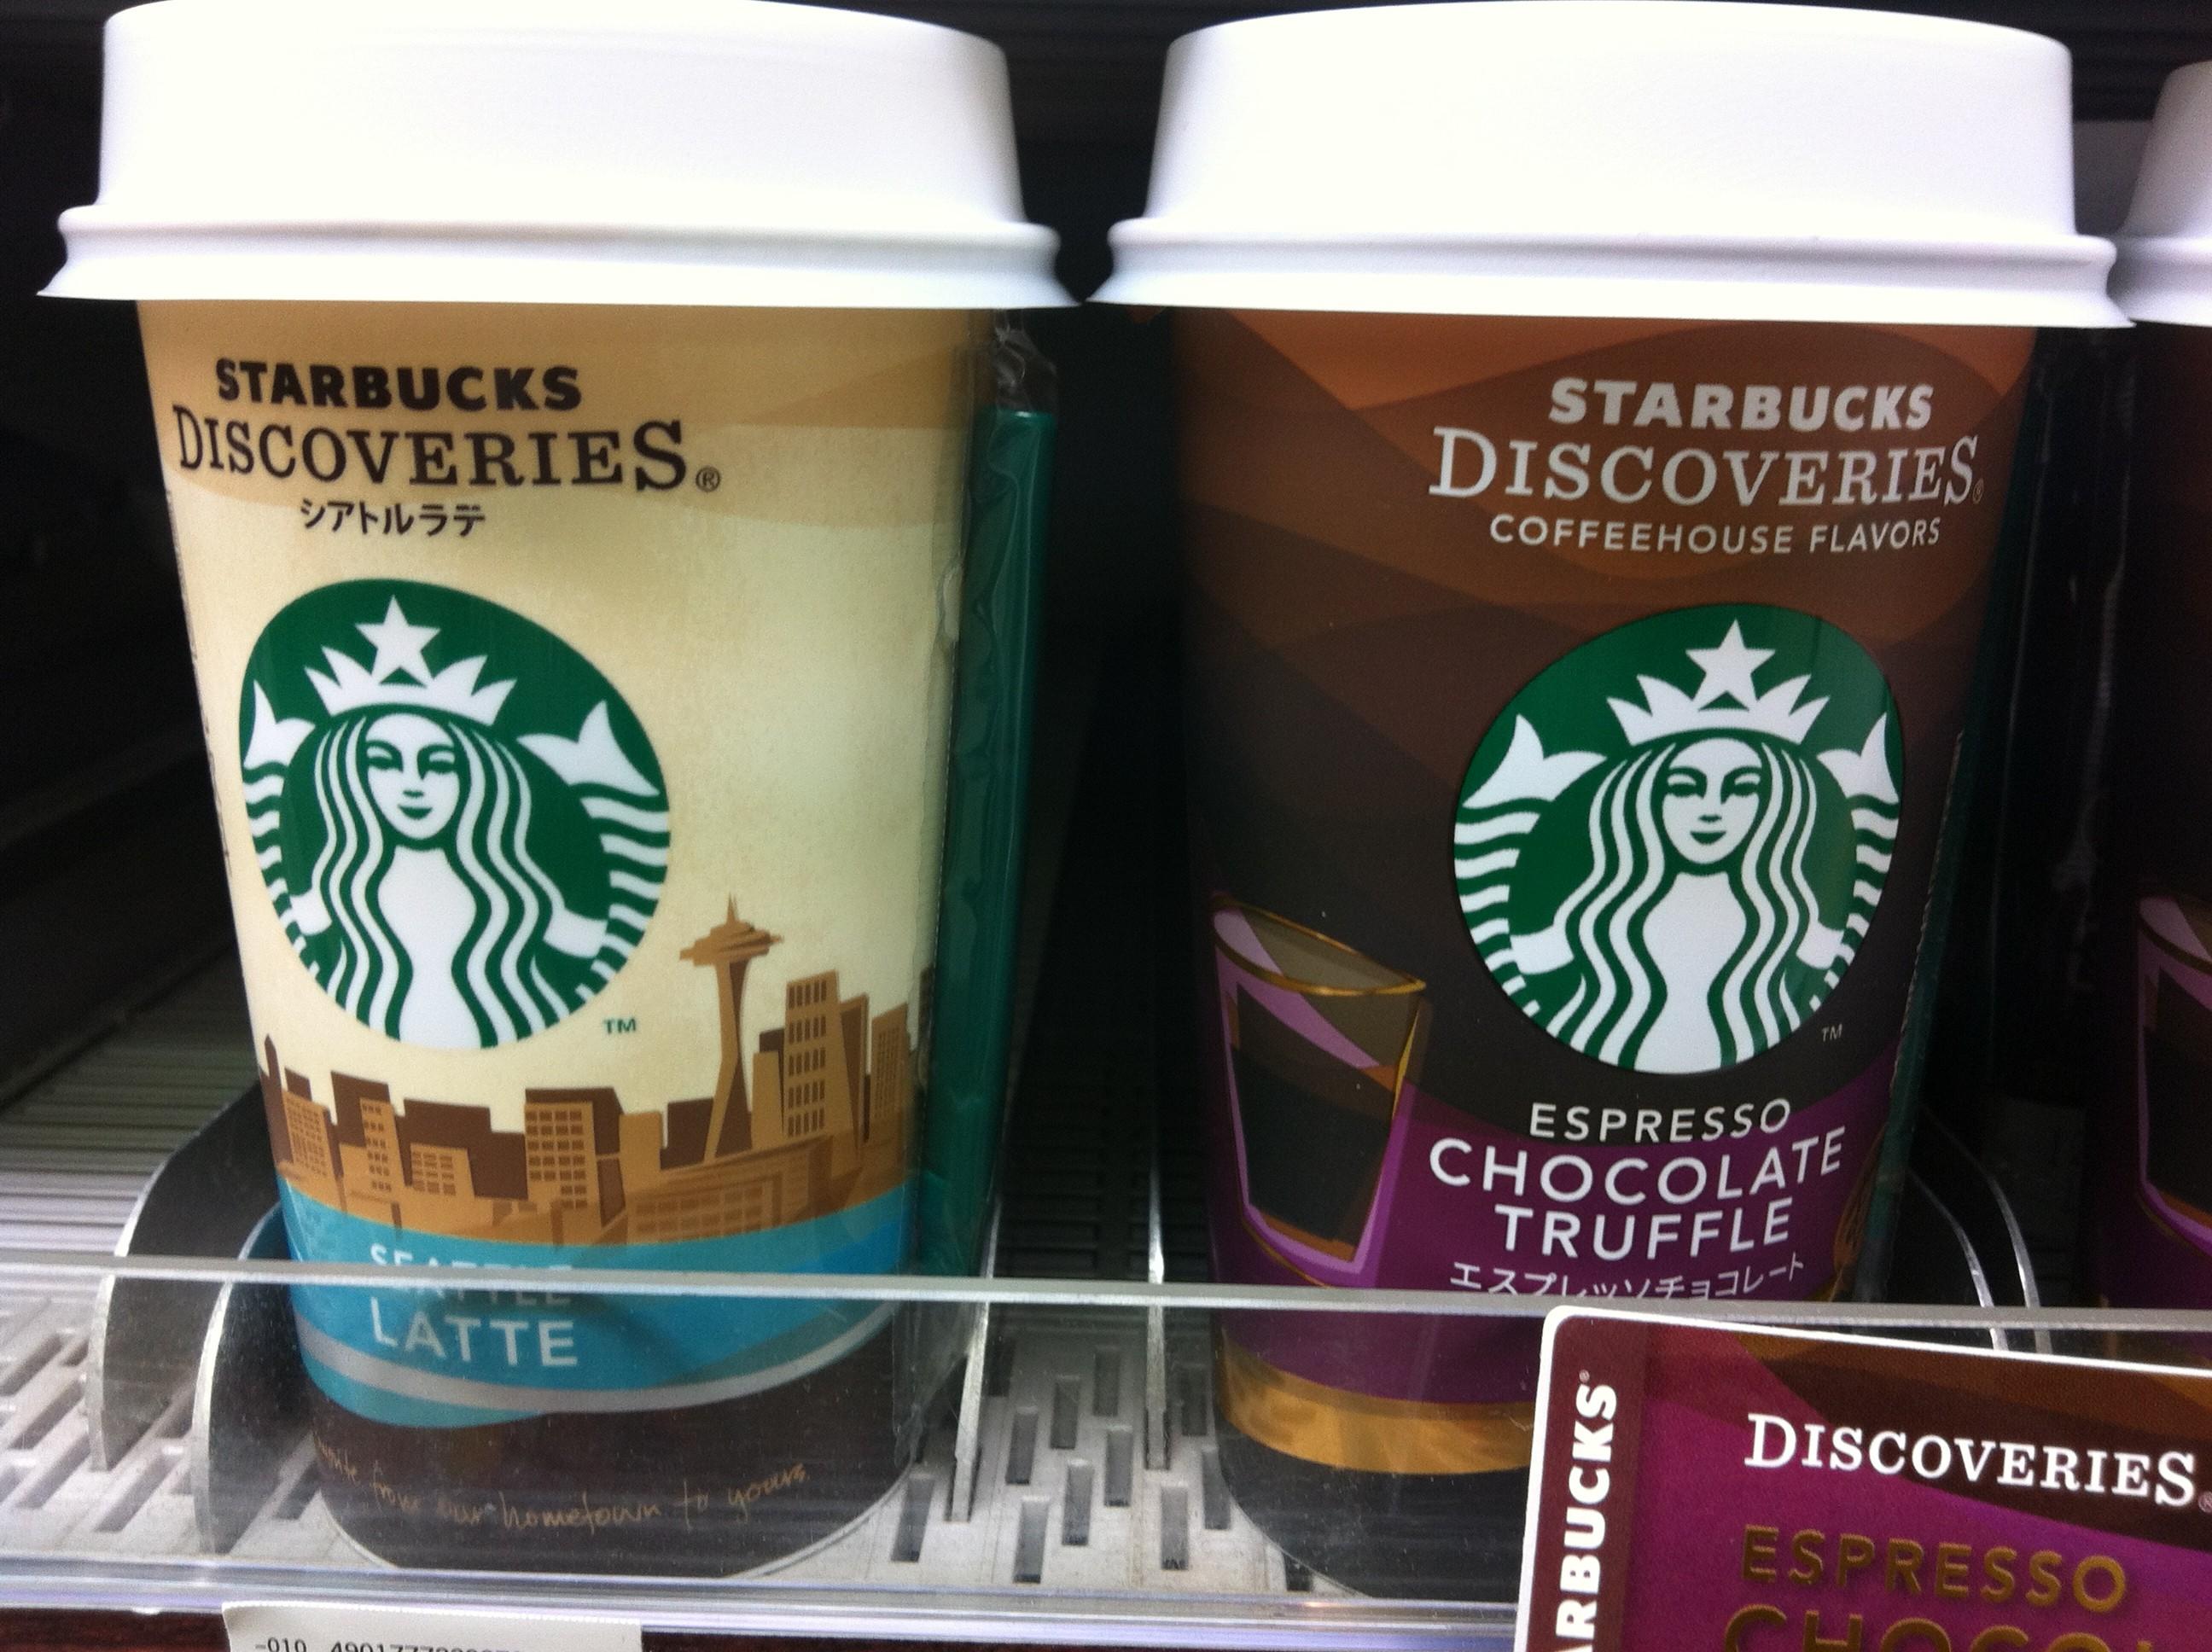 You can take Starbucks's coffee even at Conbini!